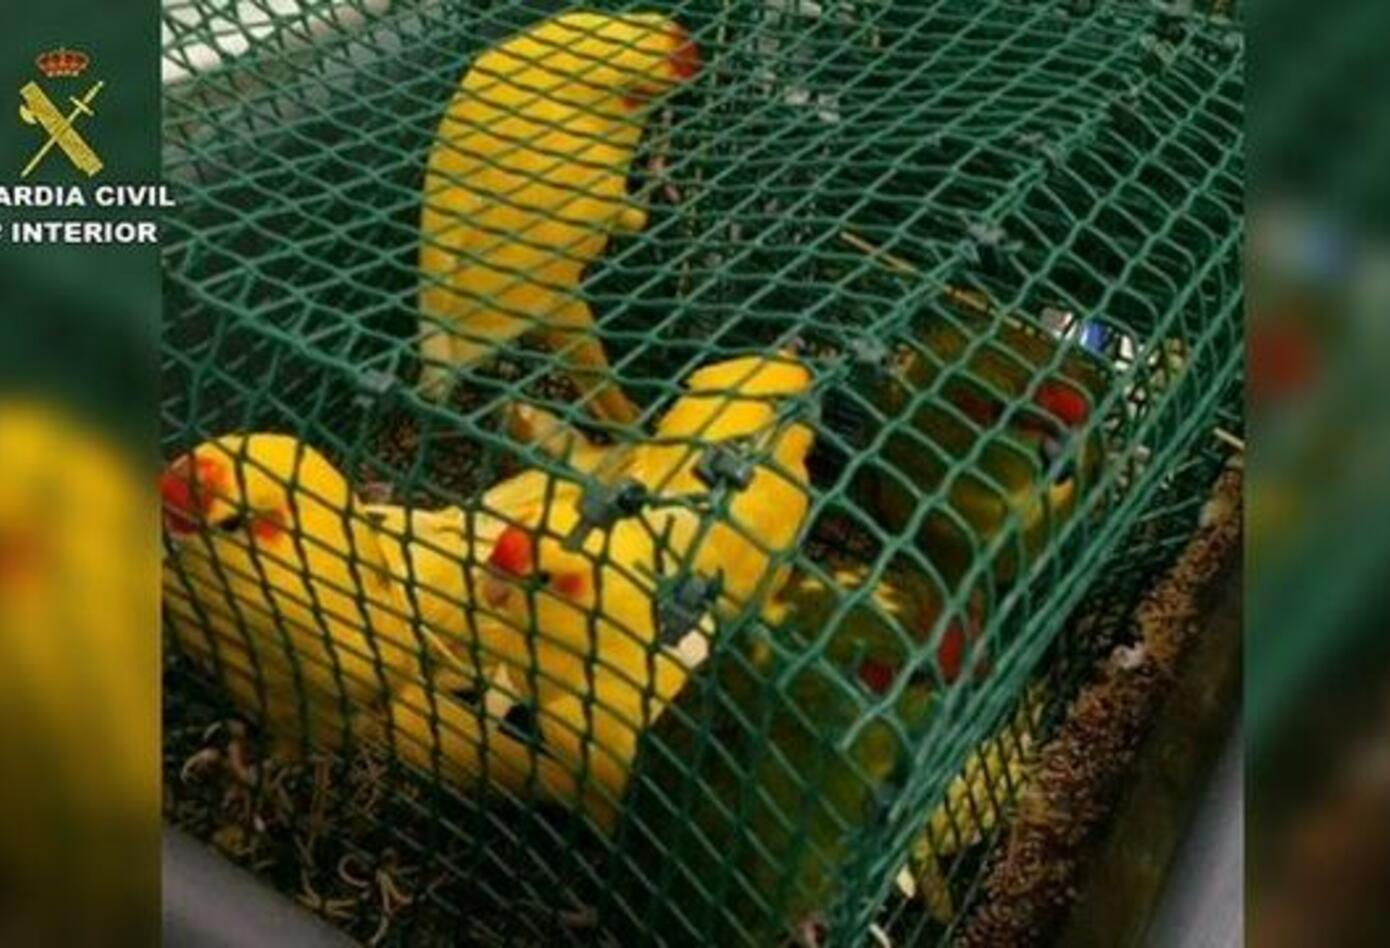 Aves que contrabamdeaba un colombiano a España